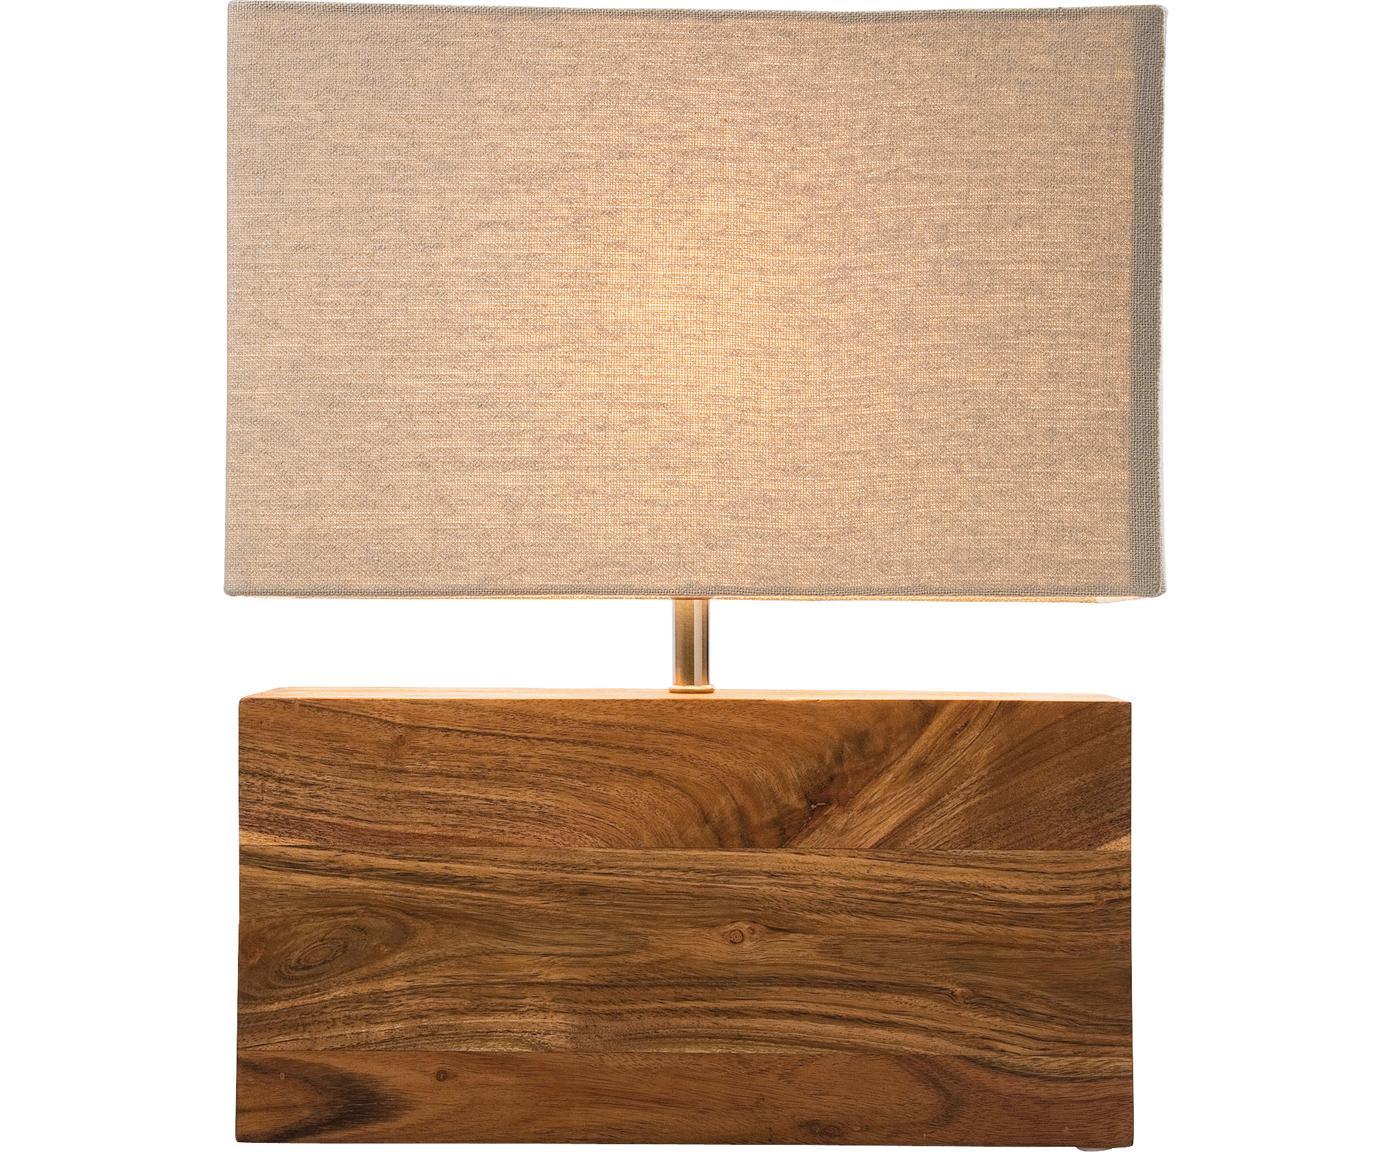 Lampa stołowa Rectangular, Drewno akacjowe, stal, bawełna, Brązowy, S 33 x W 43 cm